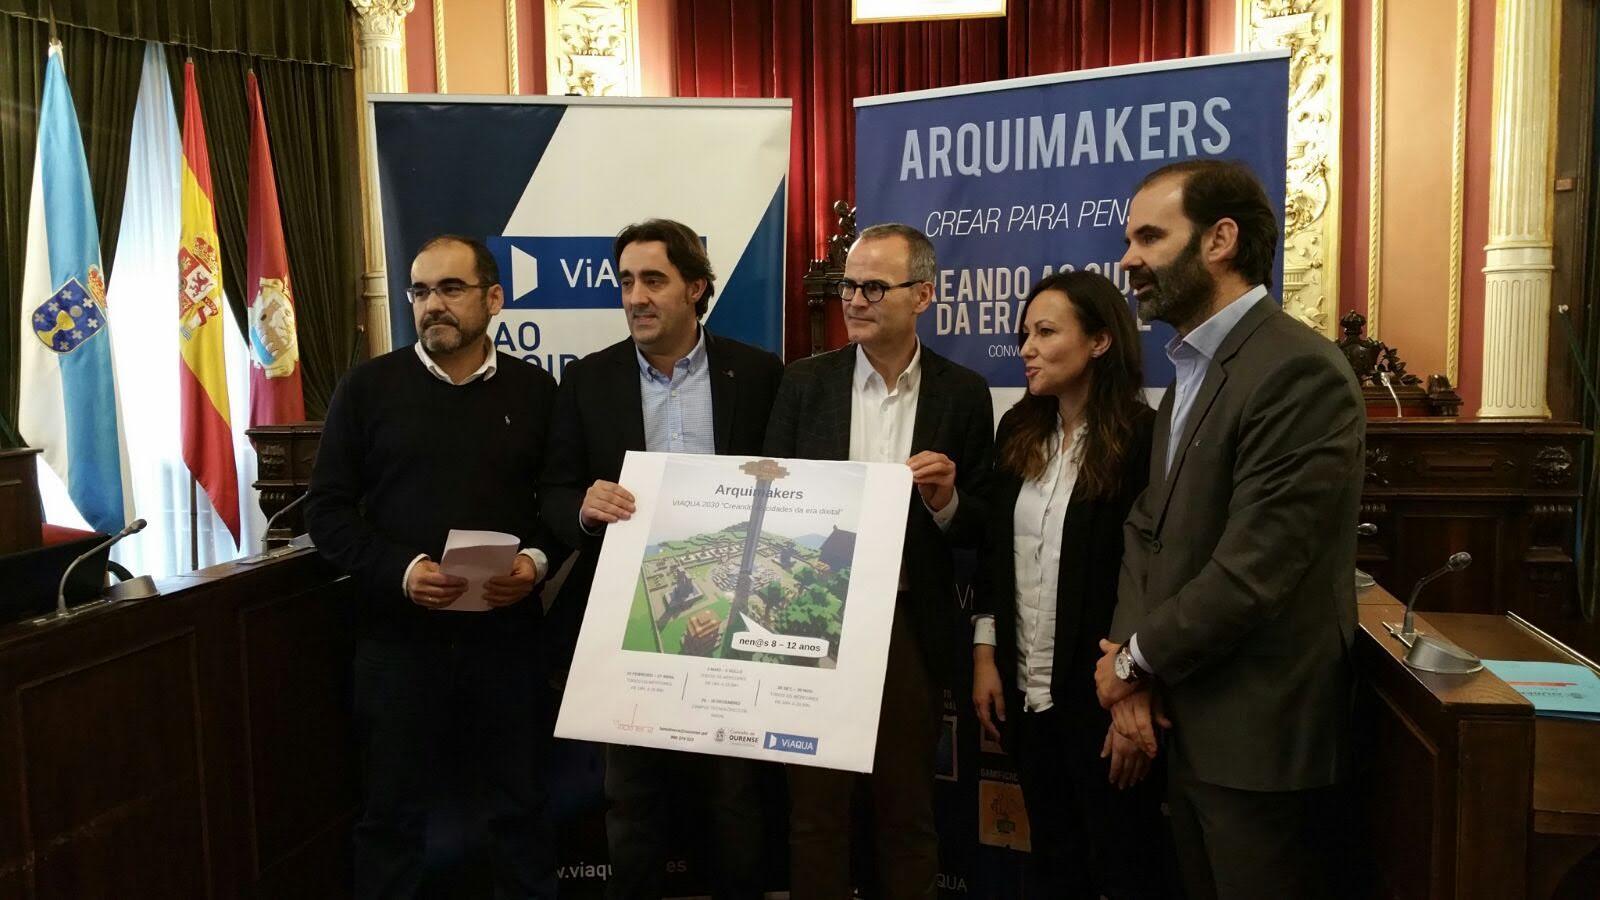 Viaquaourensearquimakers